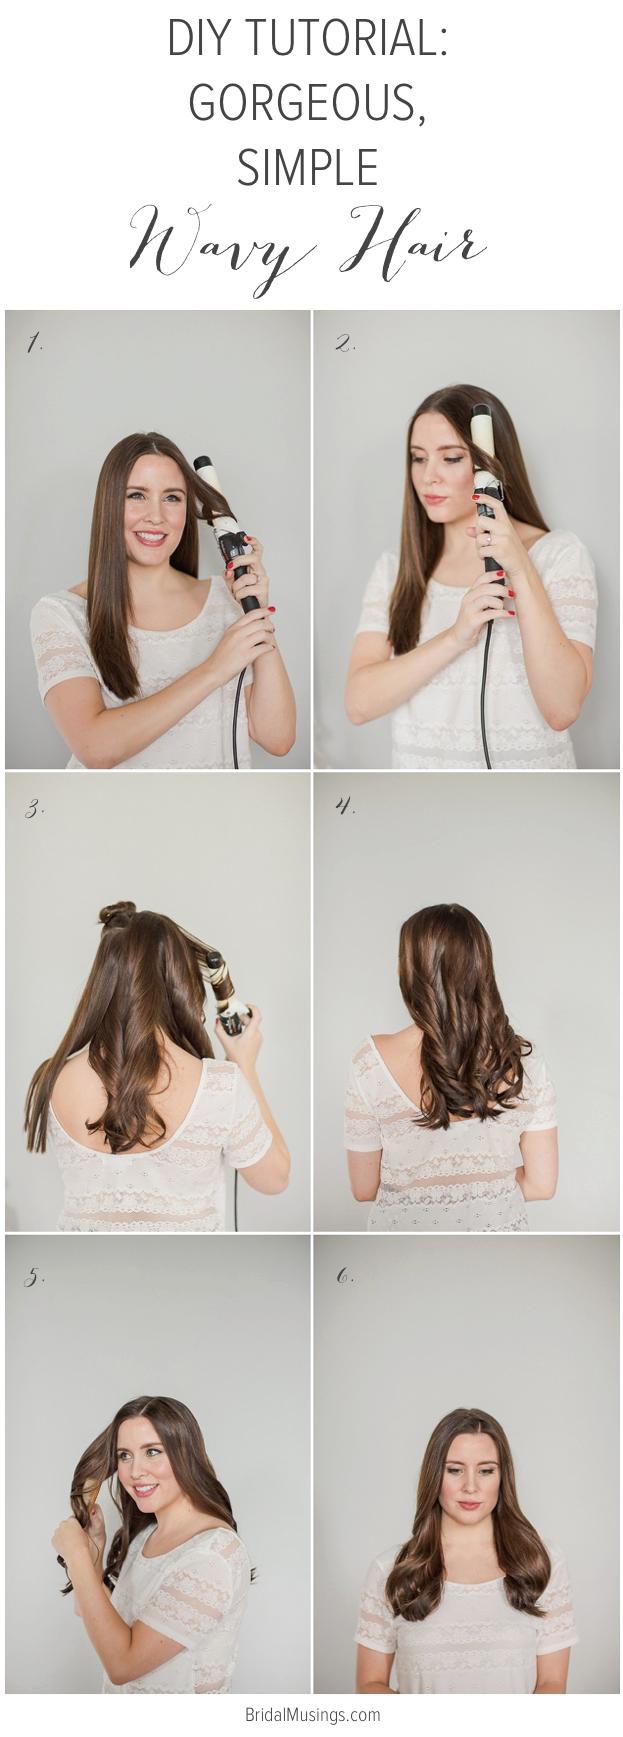 Diy Tutorial Gorgeously Simple Wavy Hair Medium Length Hair Styles Medium Length Hair With Layers Diy Hairstyles